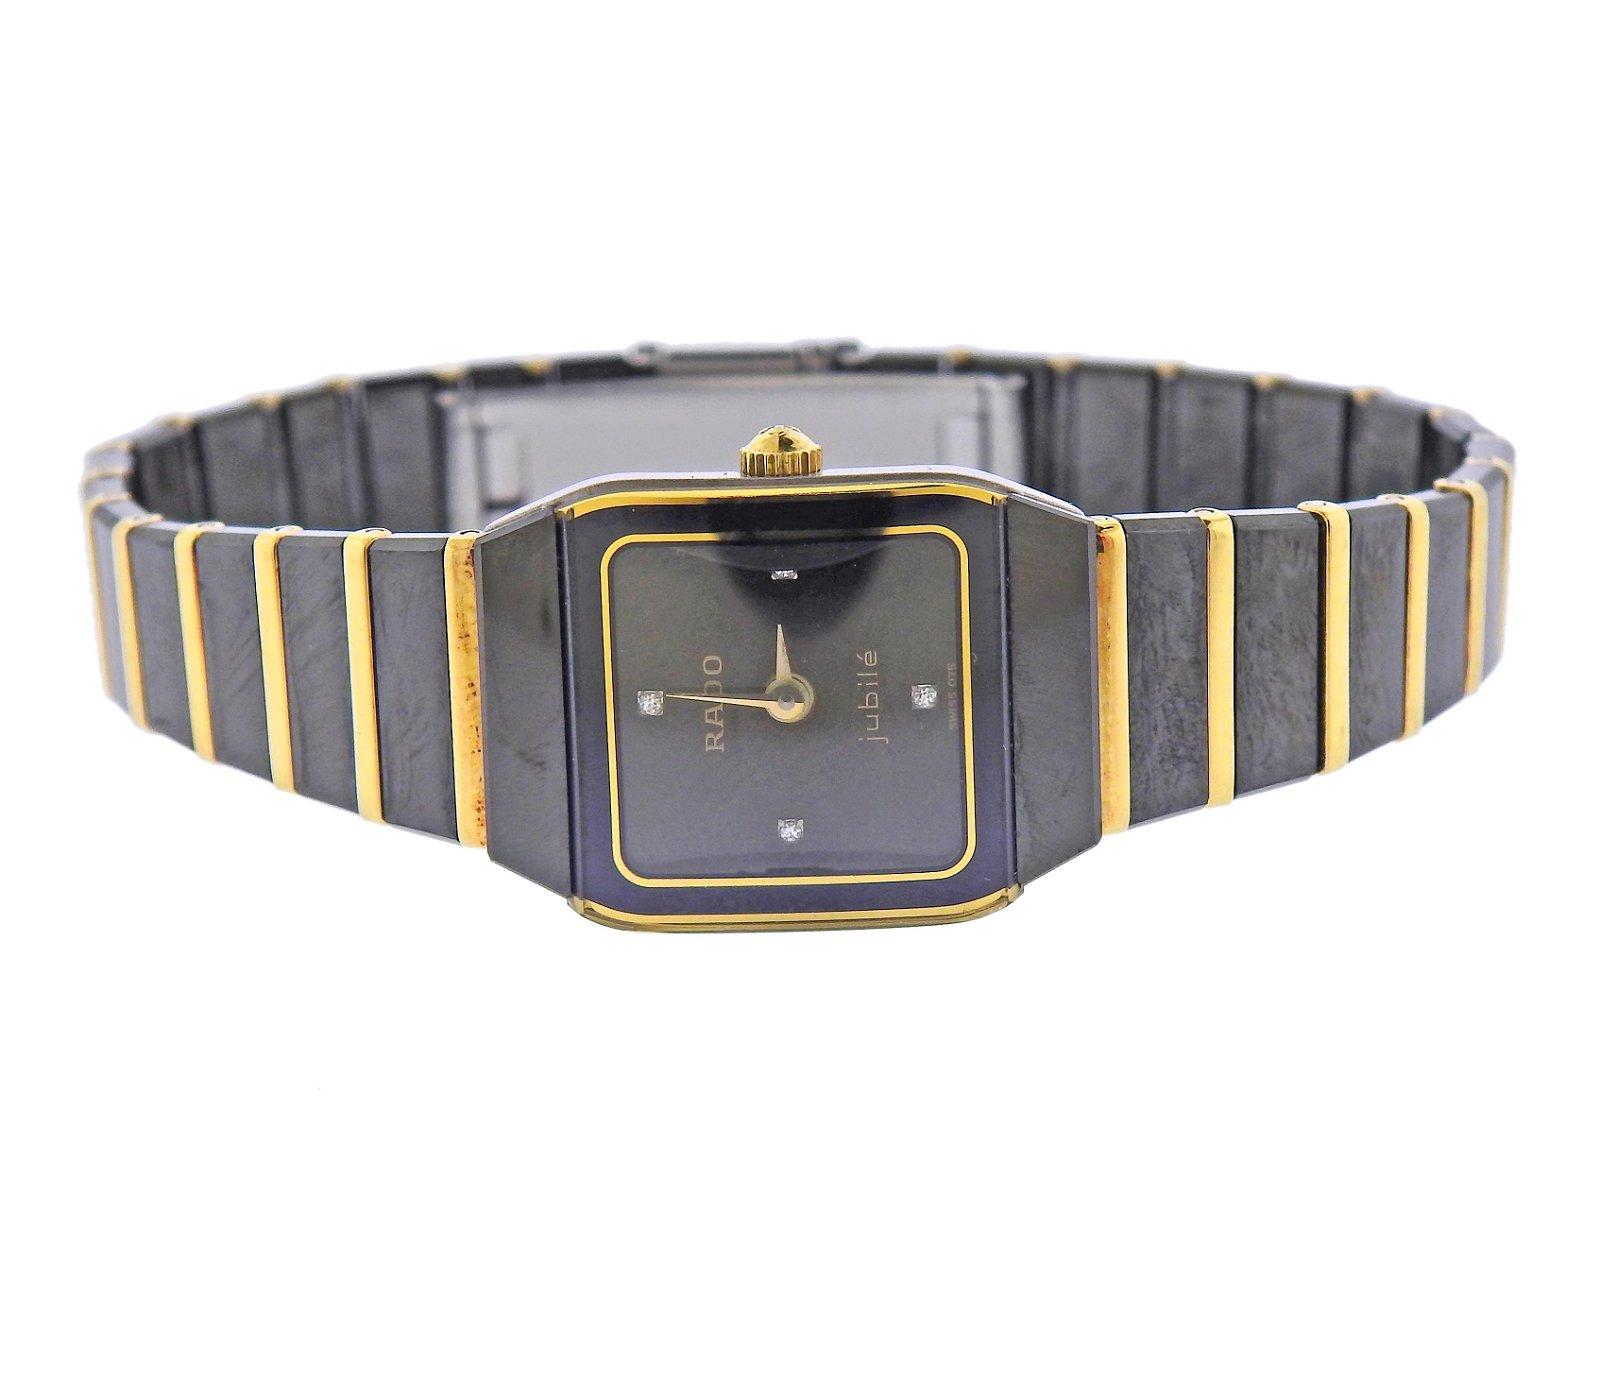 Rado Jubile Diamond Black Ceramic Watch